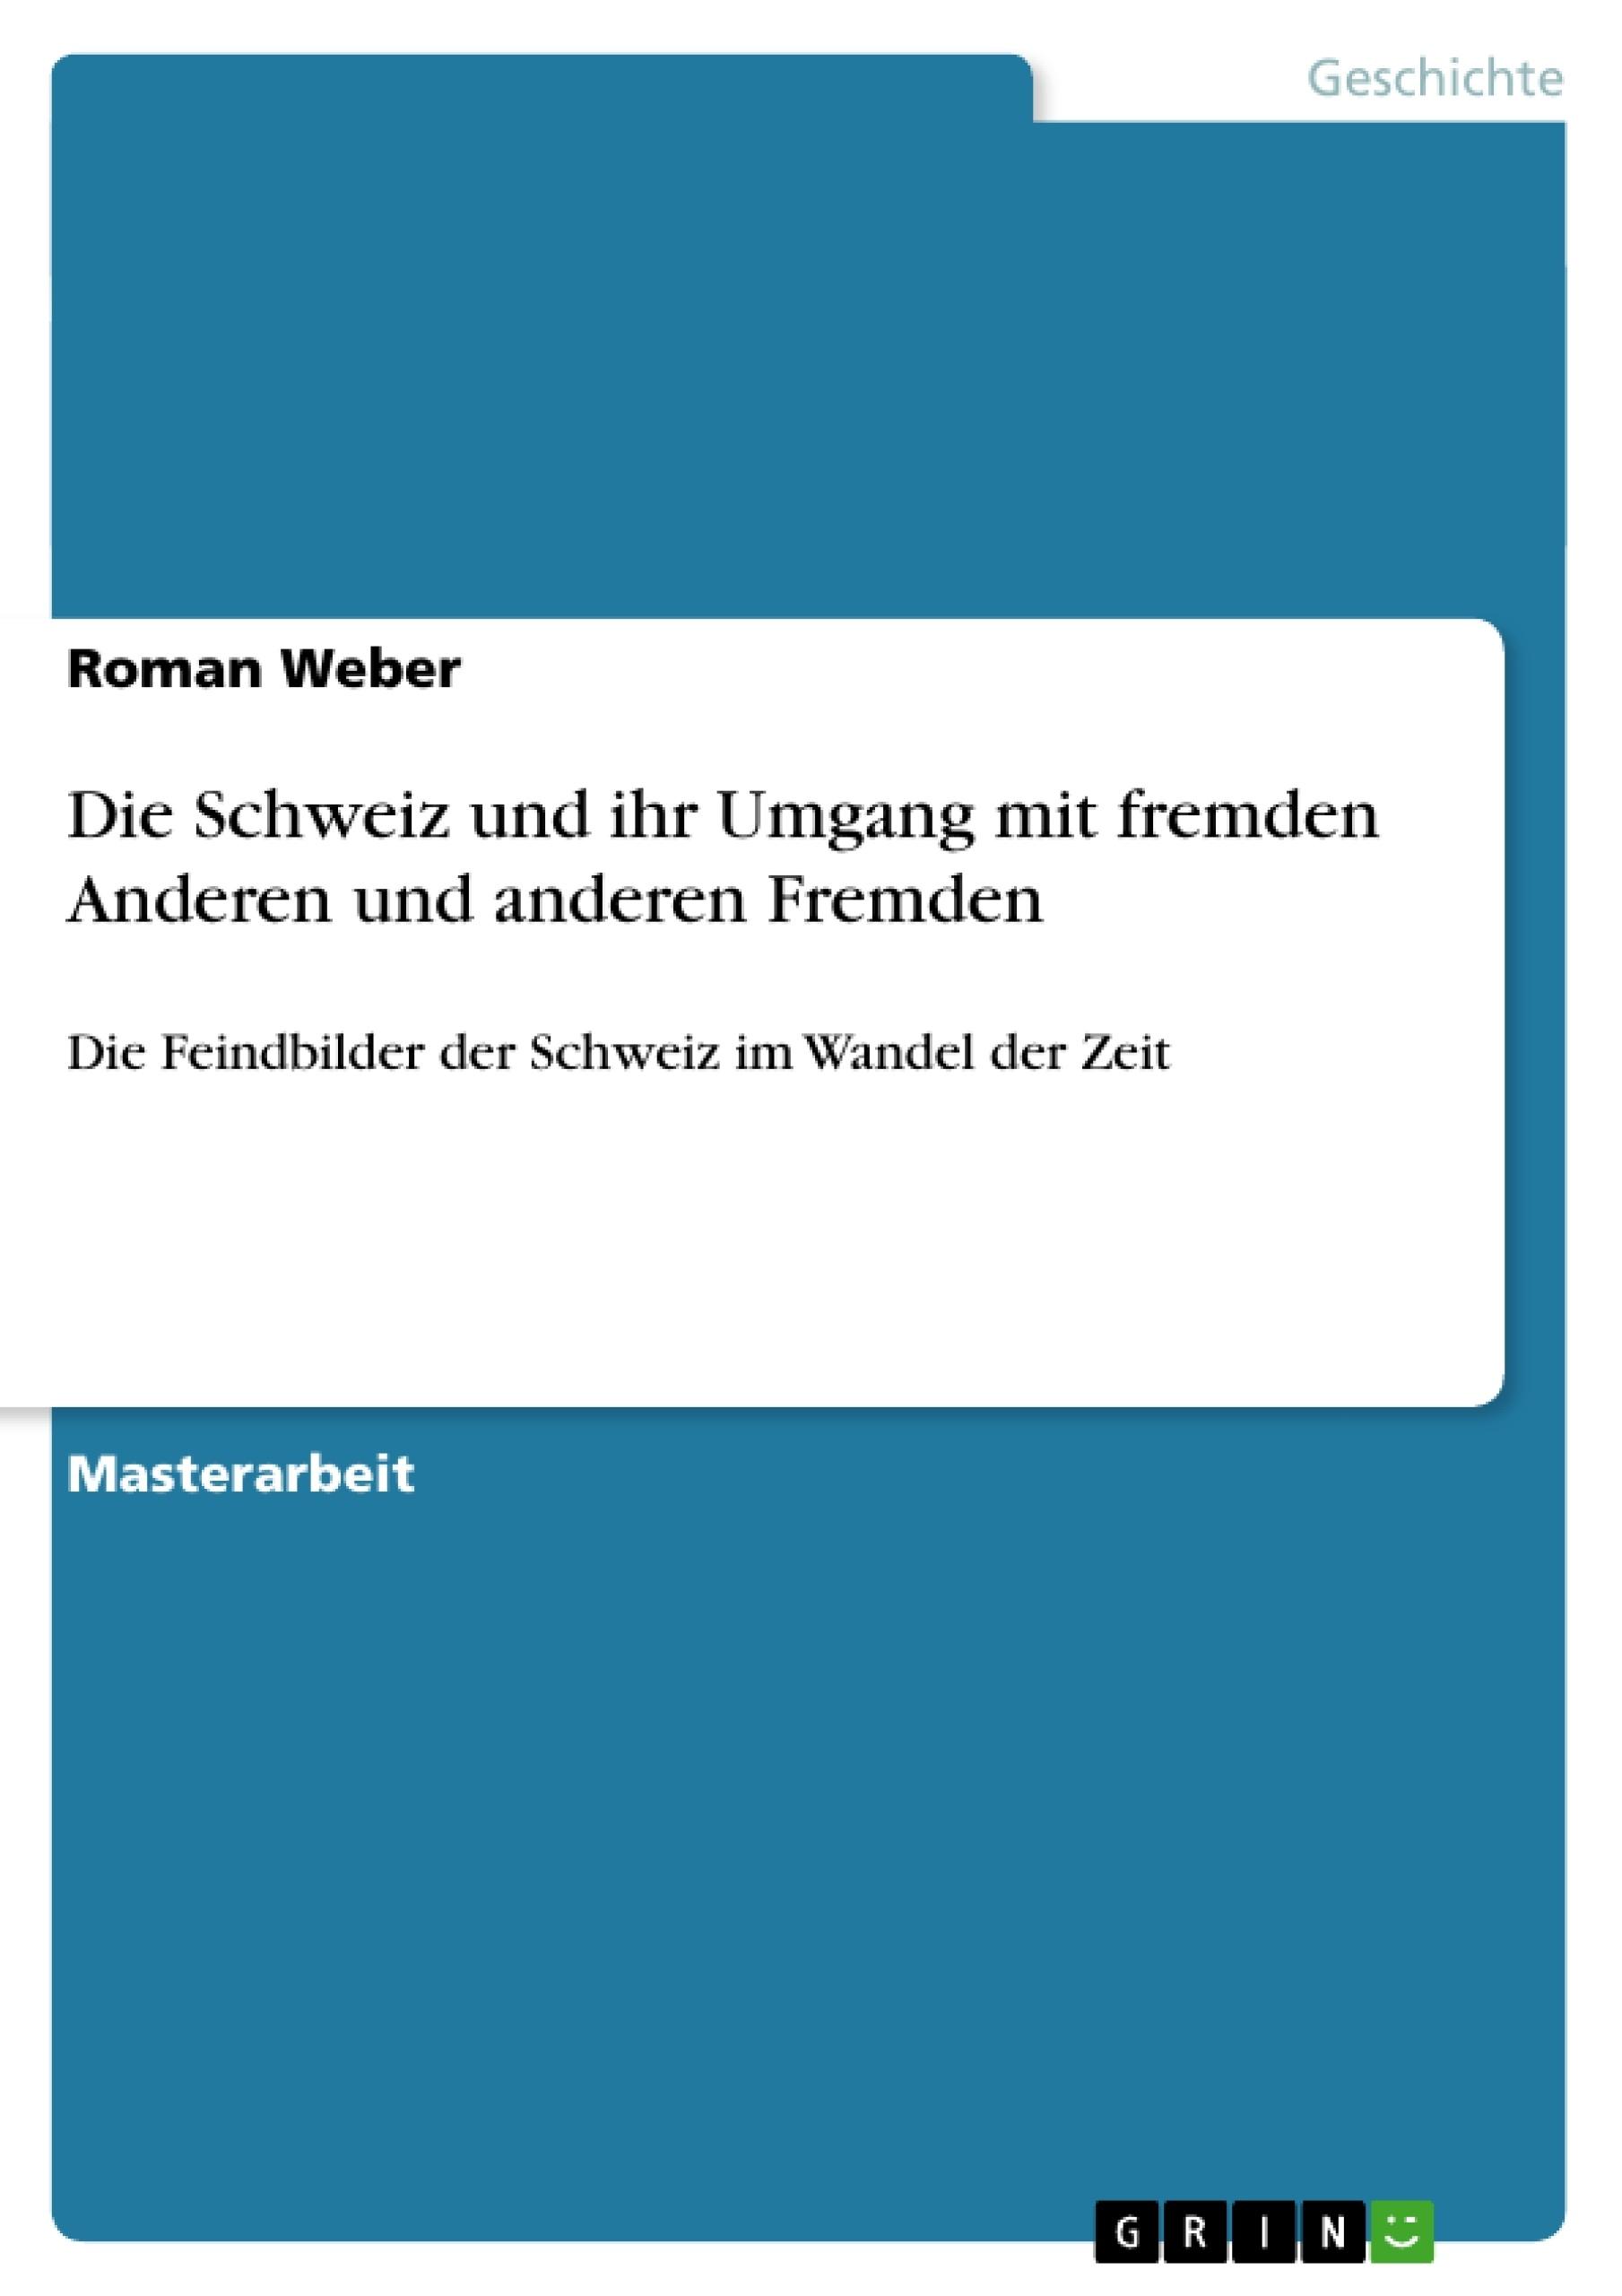 Titel: Die Schweiz und ihr Umgang mit fremden Anderen und anderen Fremden